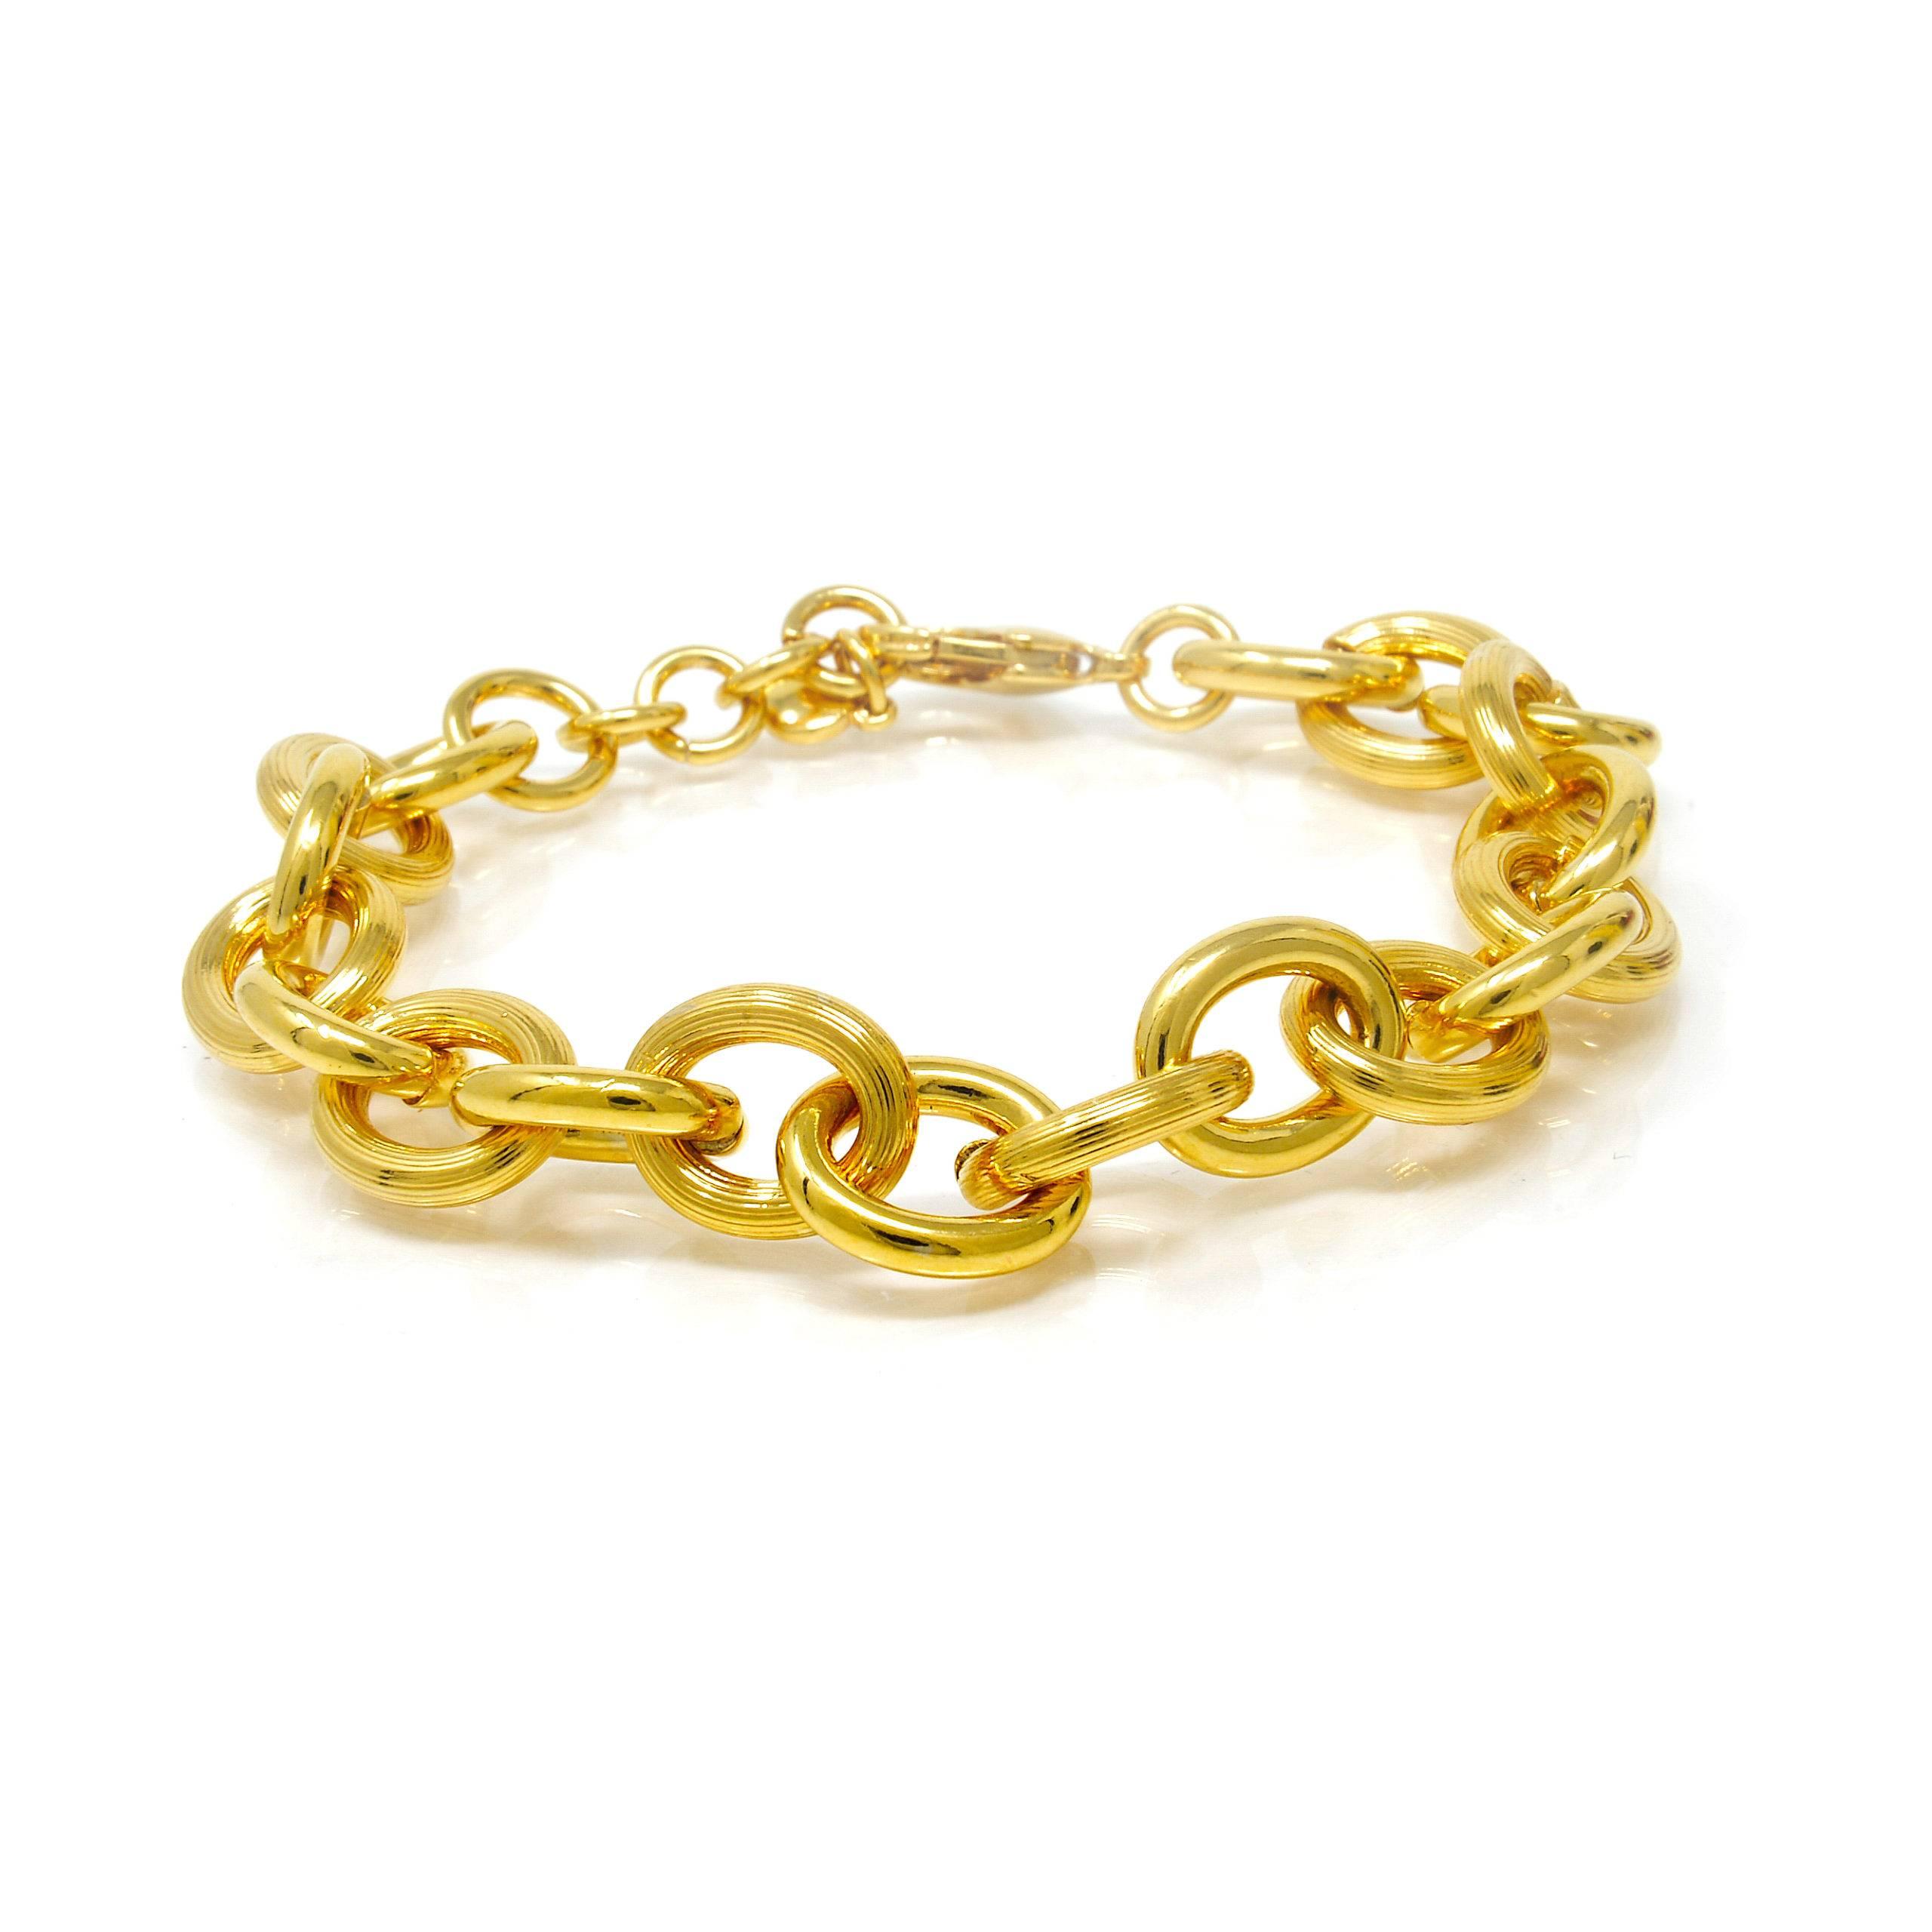 Bracelet forcat plaqué or 20cm-14